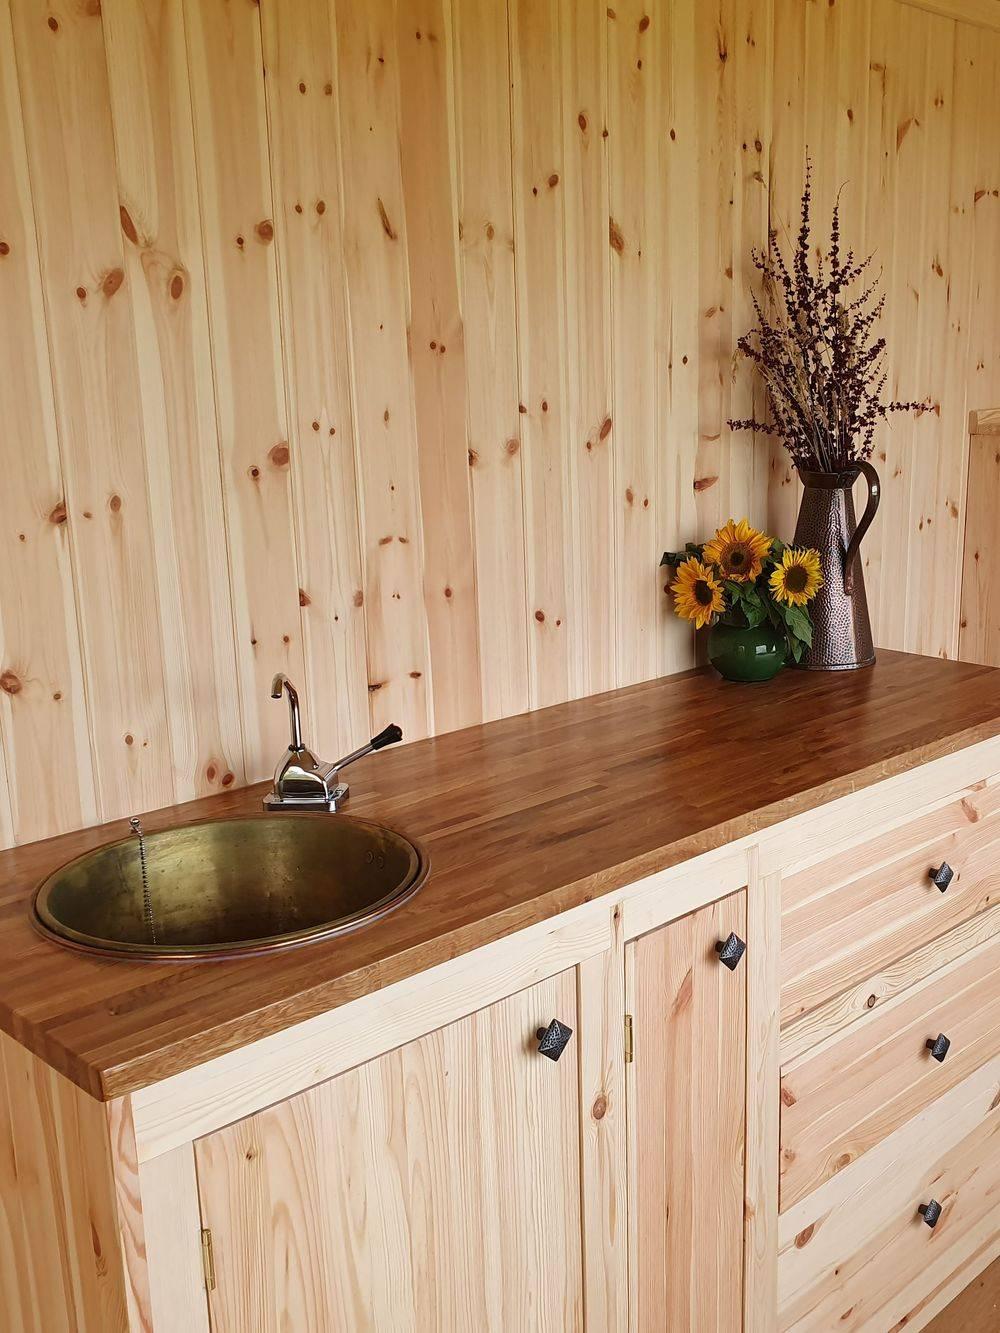 Natural wood finish